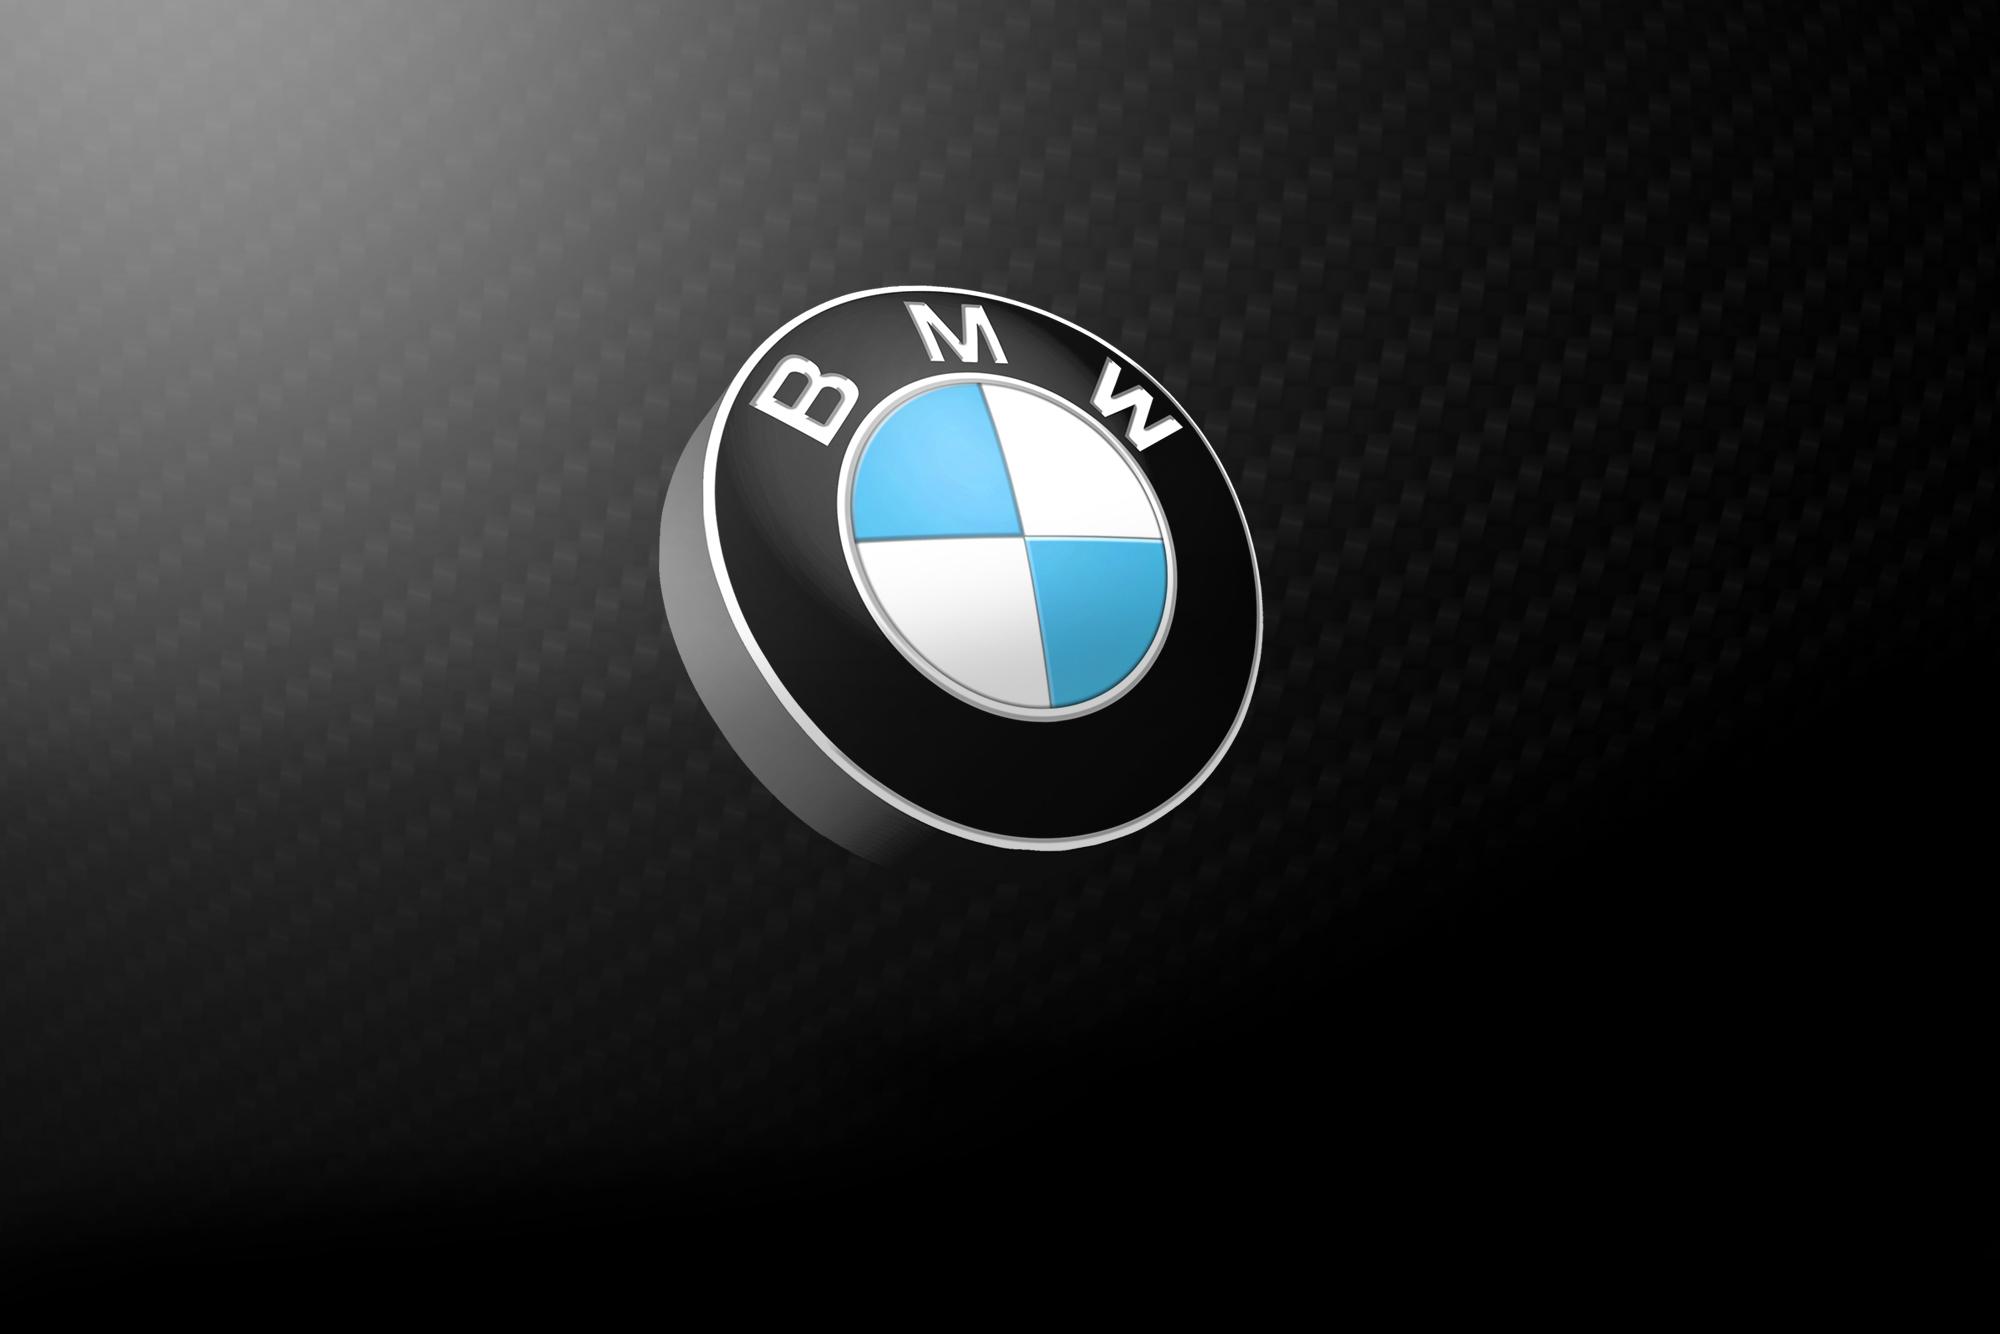 bmw-logo-kp.jpg